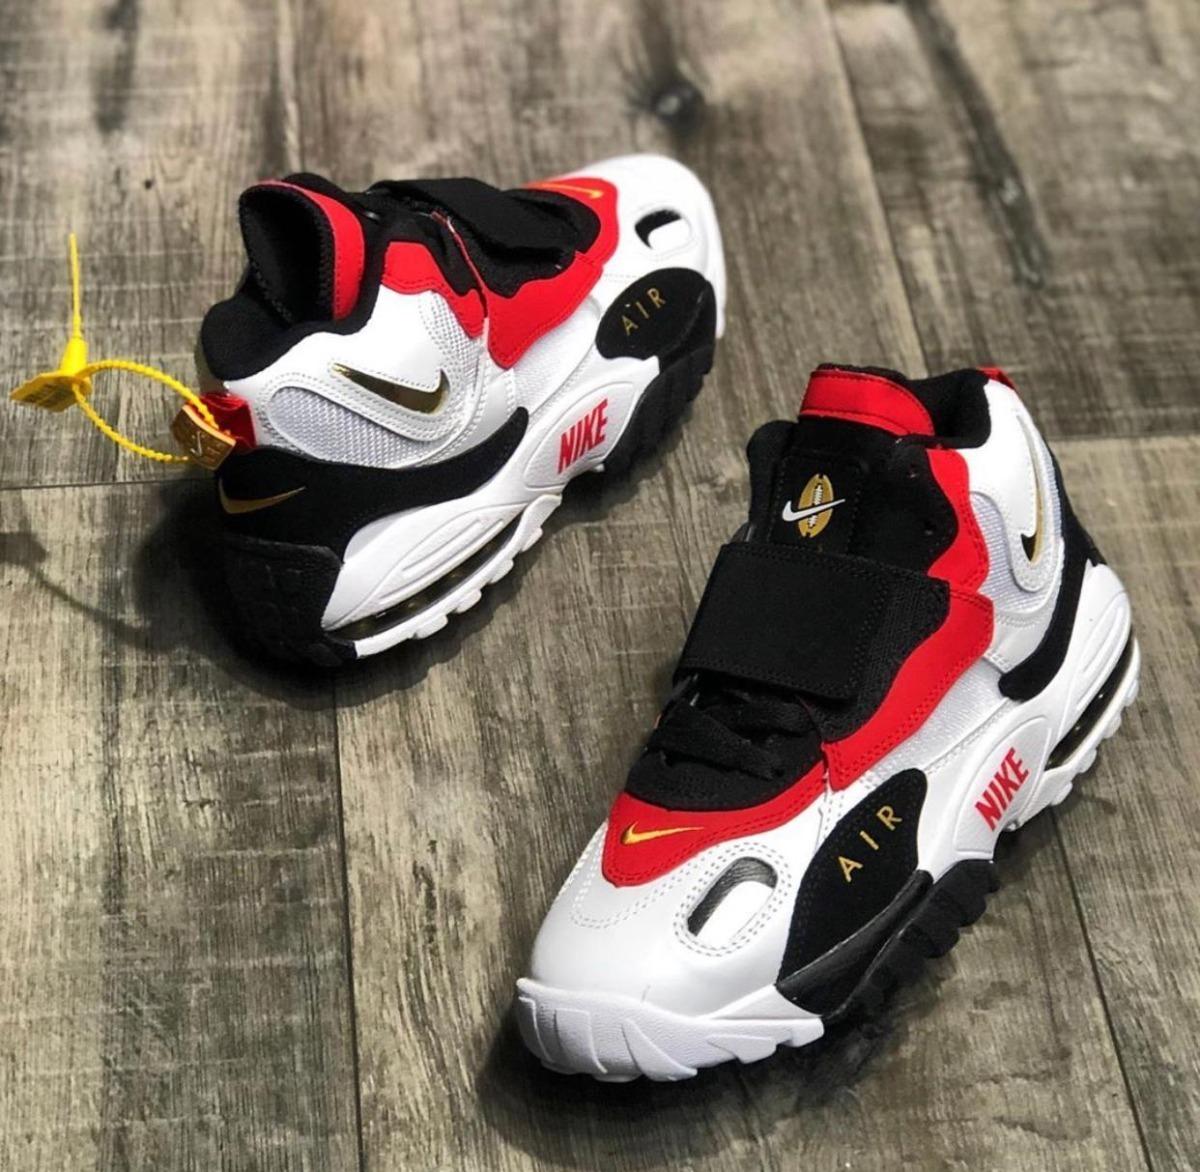 Zapatillas Tenis Nike Air Hombre Coleccion 2020